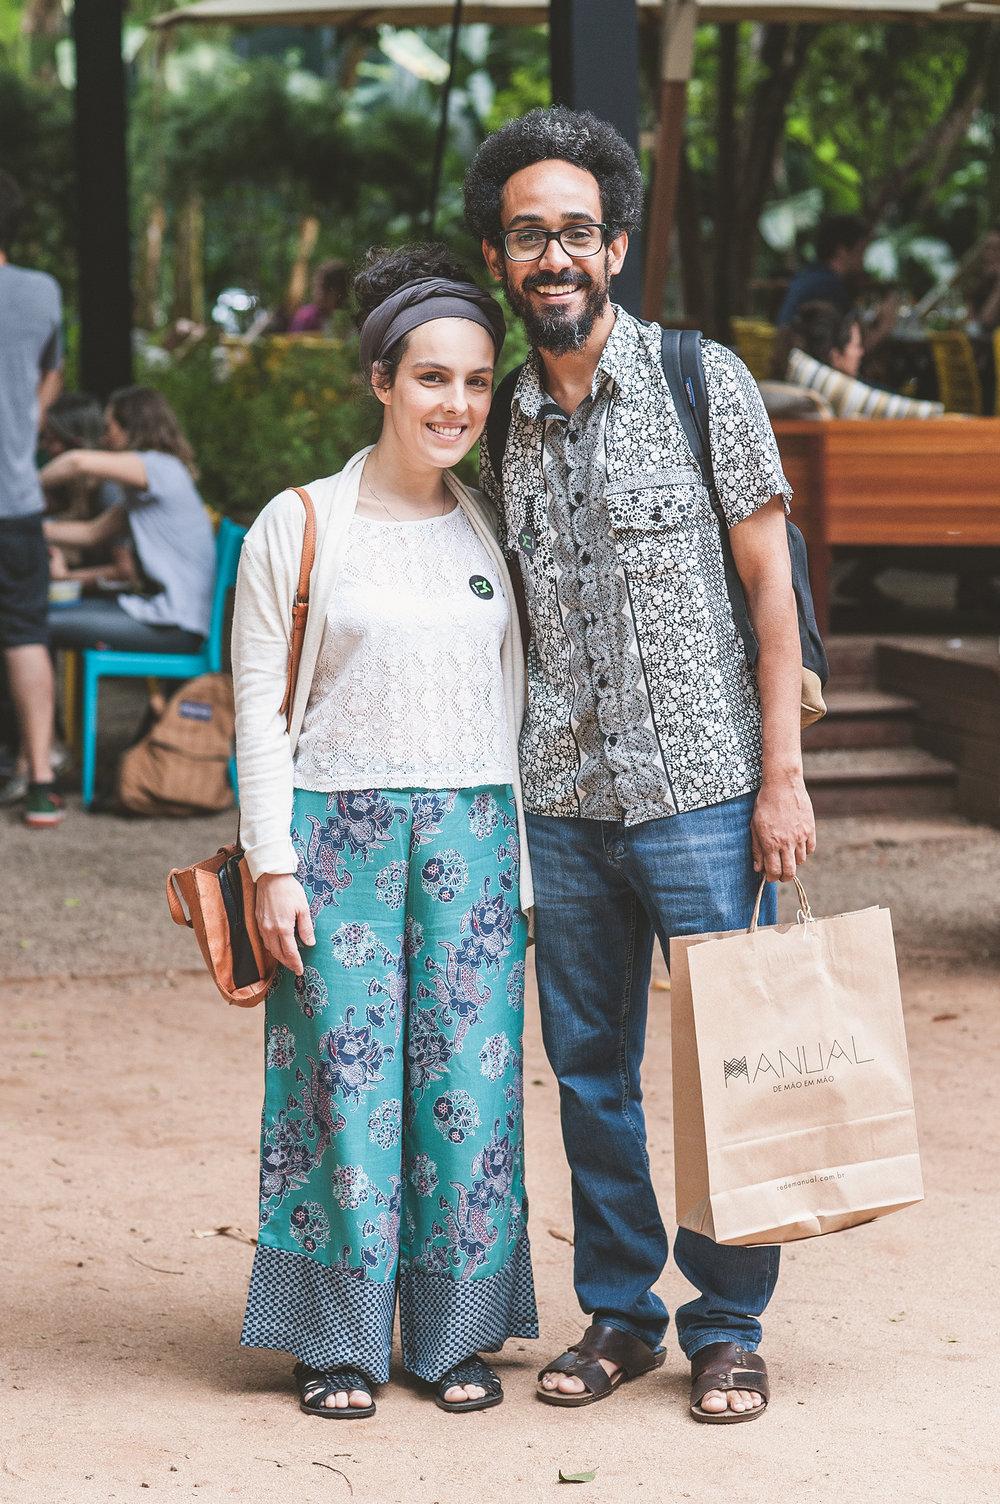 Quer mais casal lindo? Então olha só a Lia Campos e o Maciel Santos <3 Eles adoram os eventos do Museu da Casa Brasileira. No #MANUALnoMCB se apaixonaram por projetos como   Popoke  ,   Clube do Bordado  e pelas delícias da   Meraki Confeitaria  .